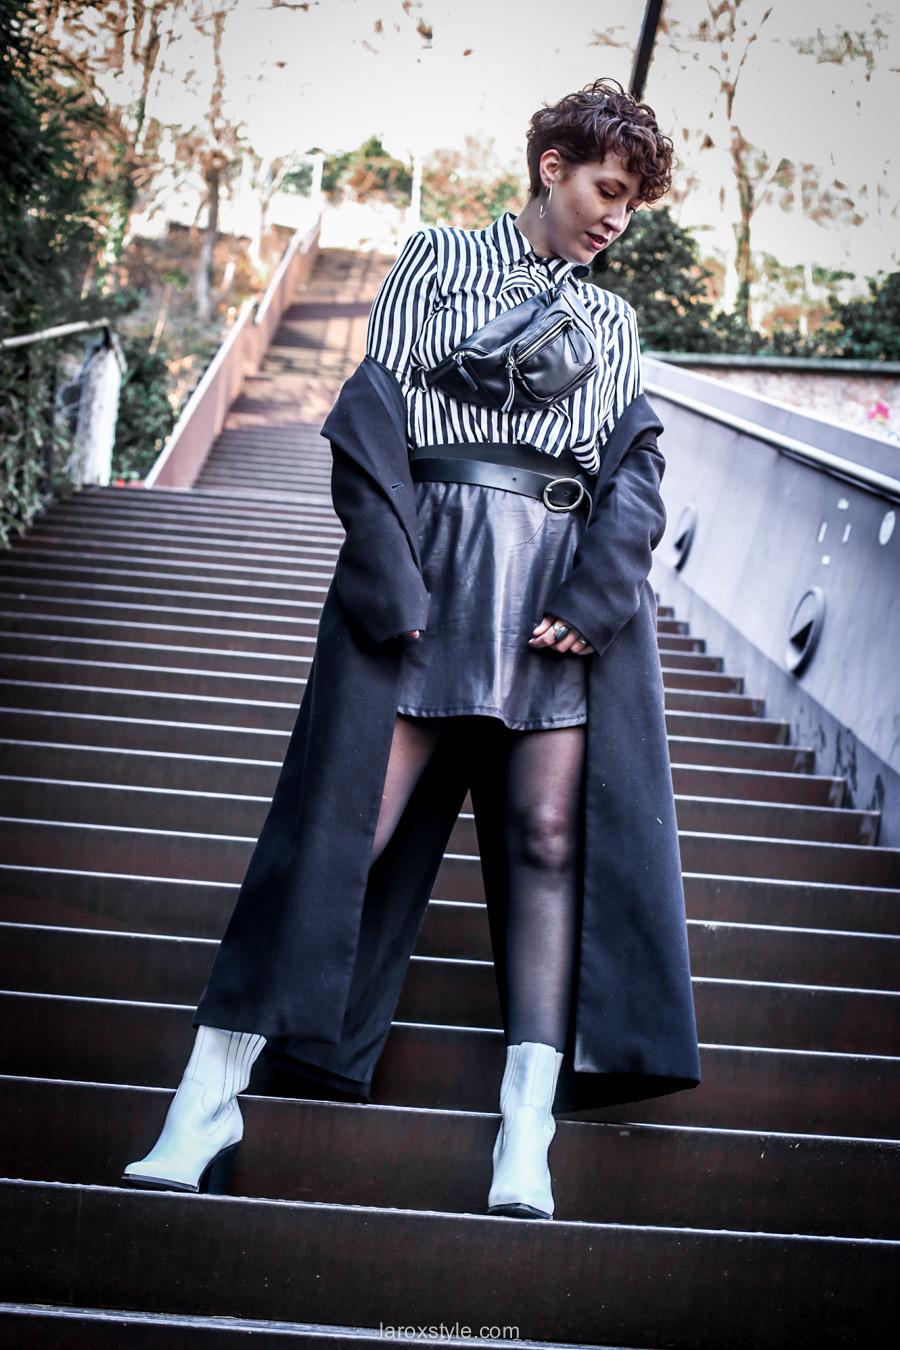 L'intemporel look Noir & Blanc (4 Styles se cachent dans ce look) !